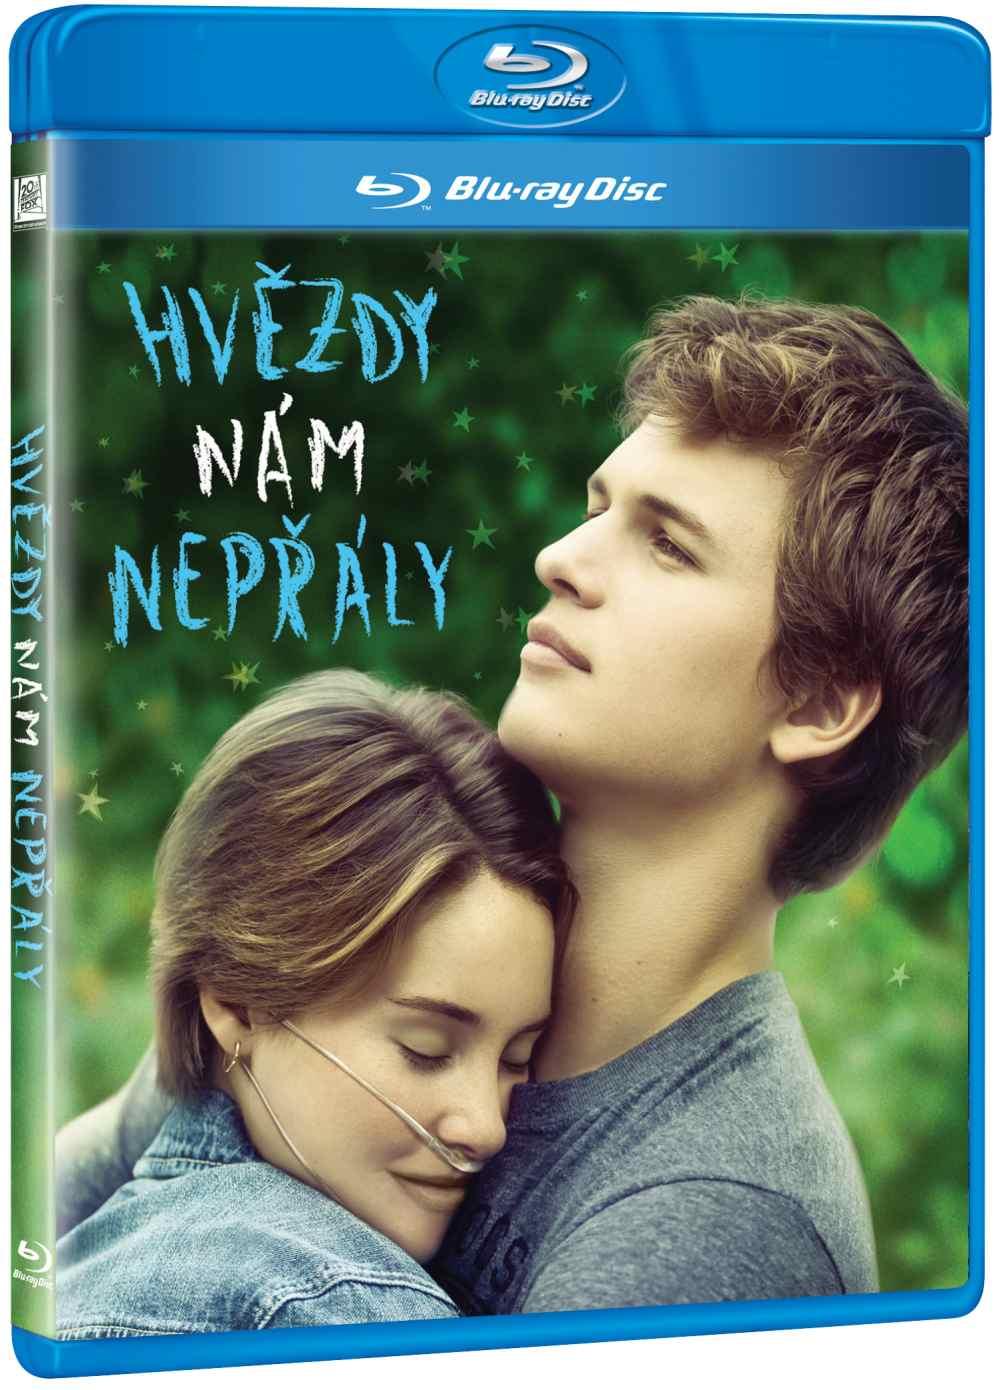 HVĚZDY NÁM NEPŘÁLY - Blu-ray